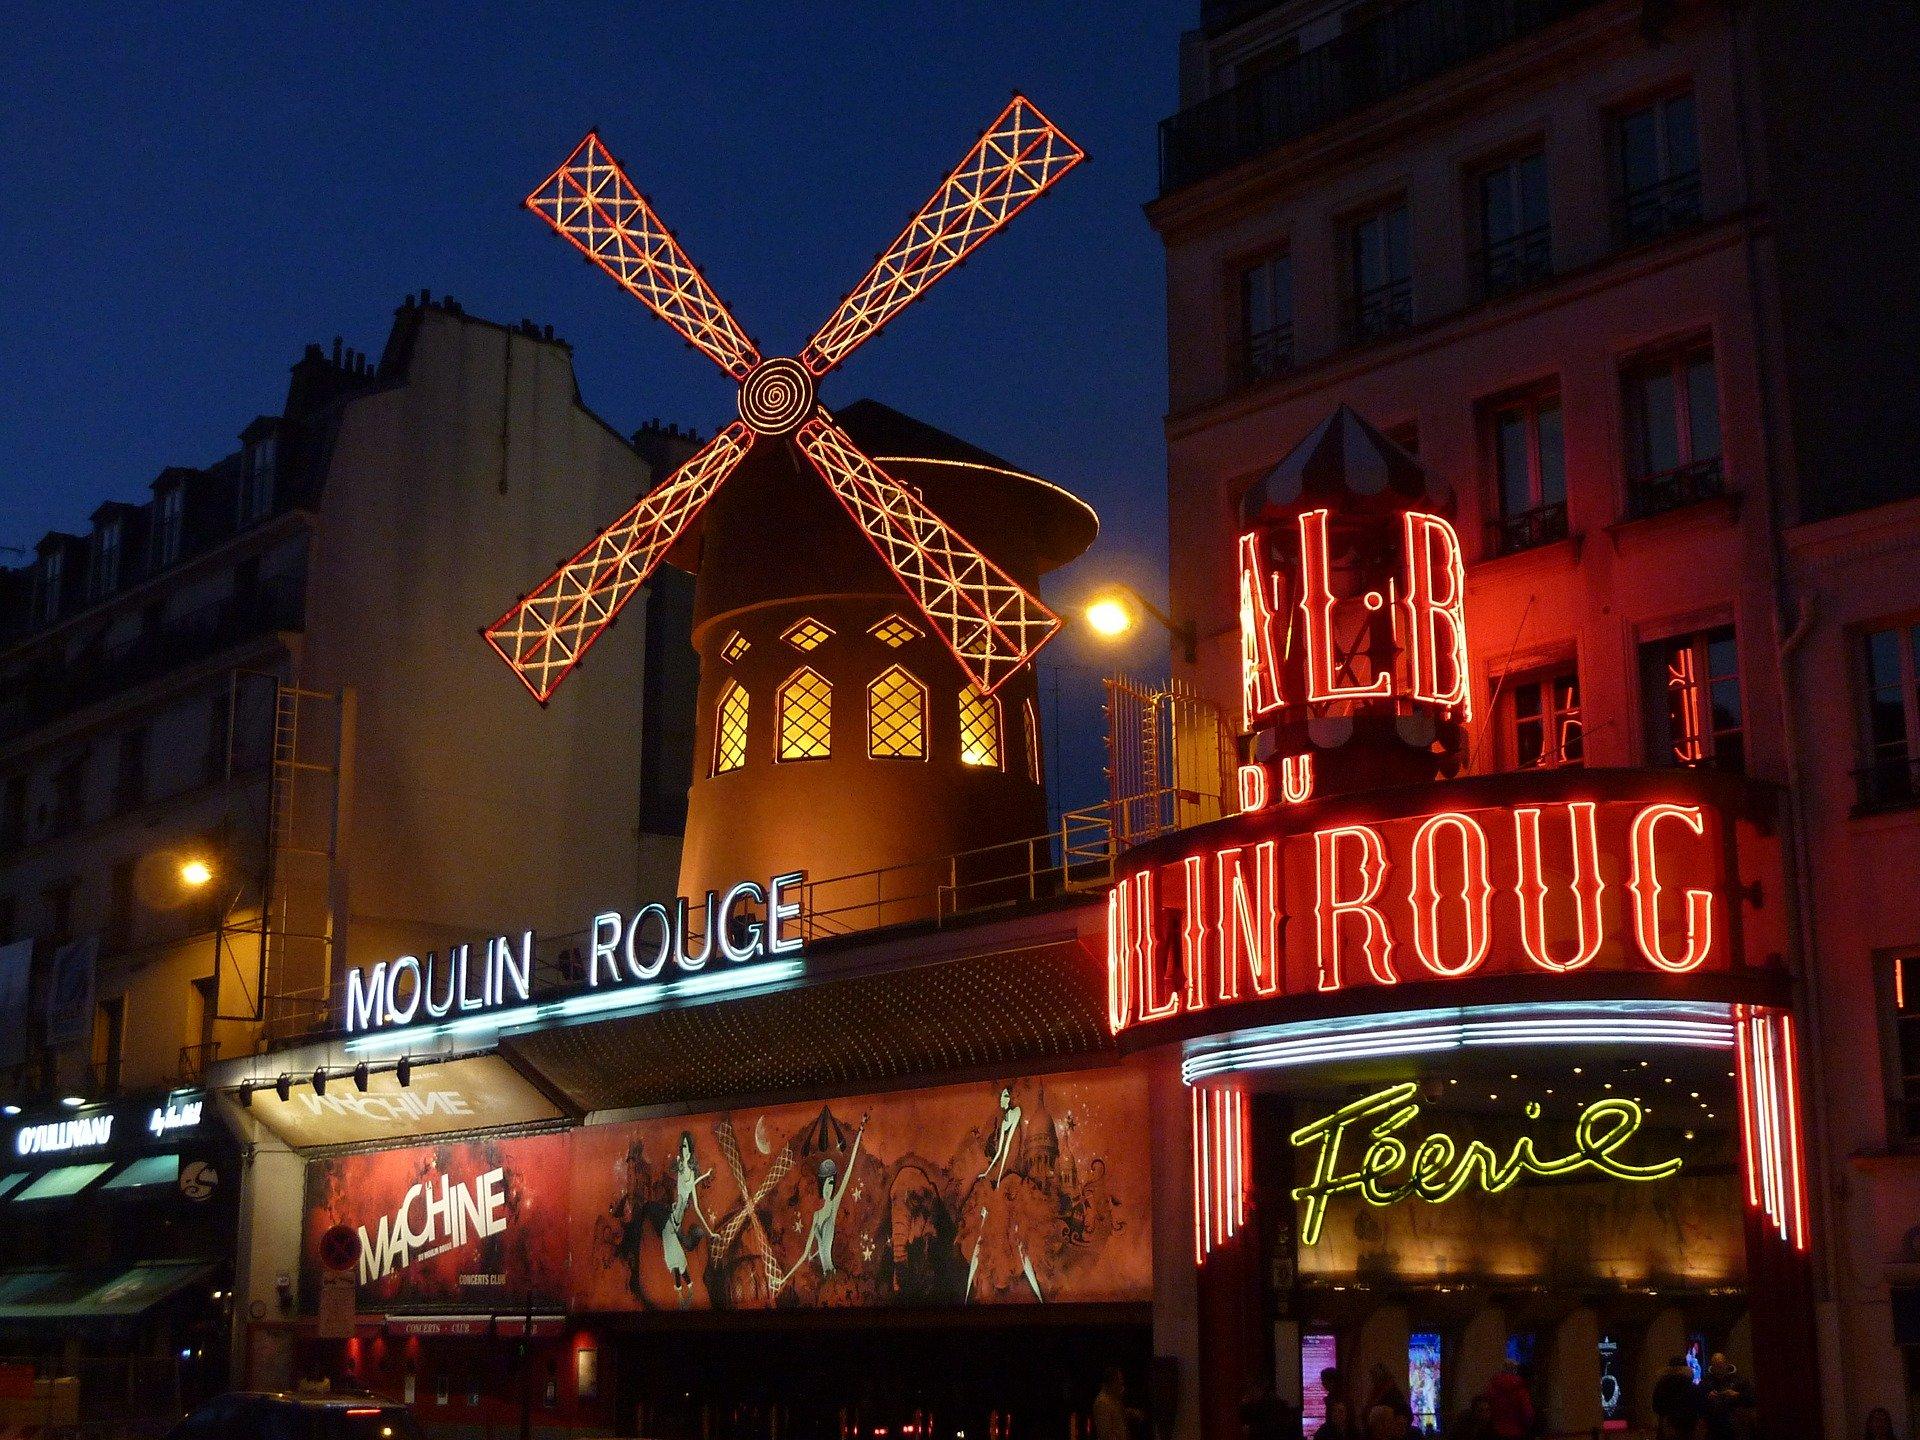 Moulin Rouge Parigi: